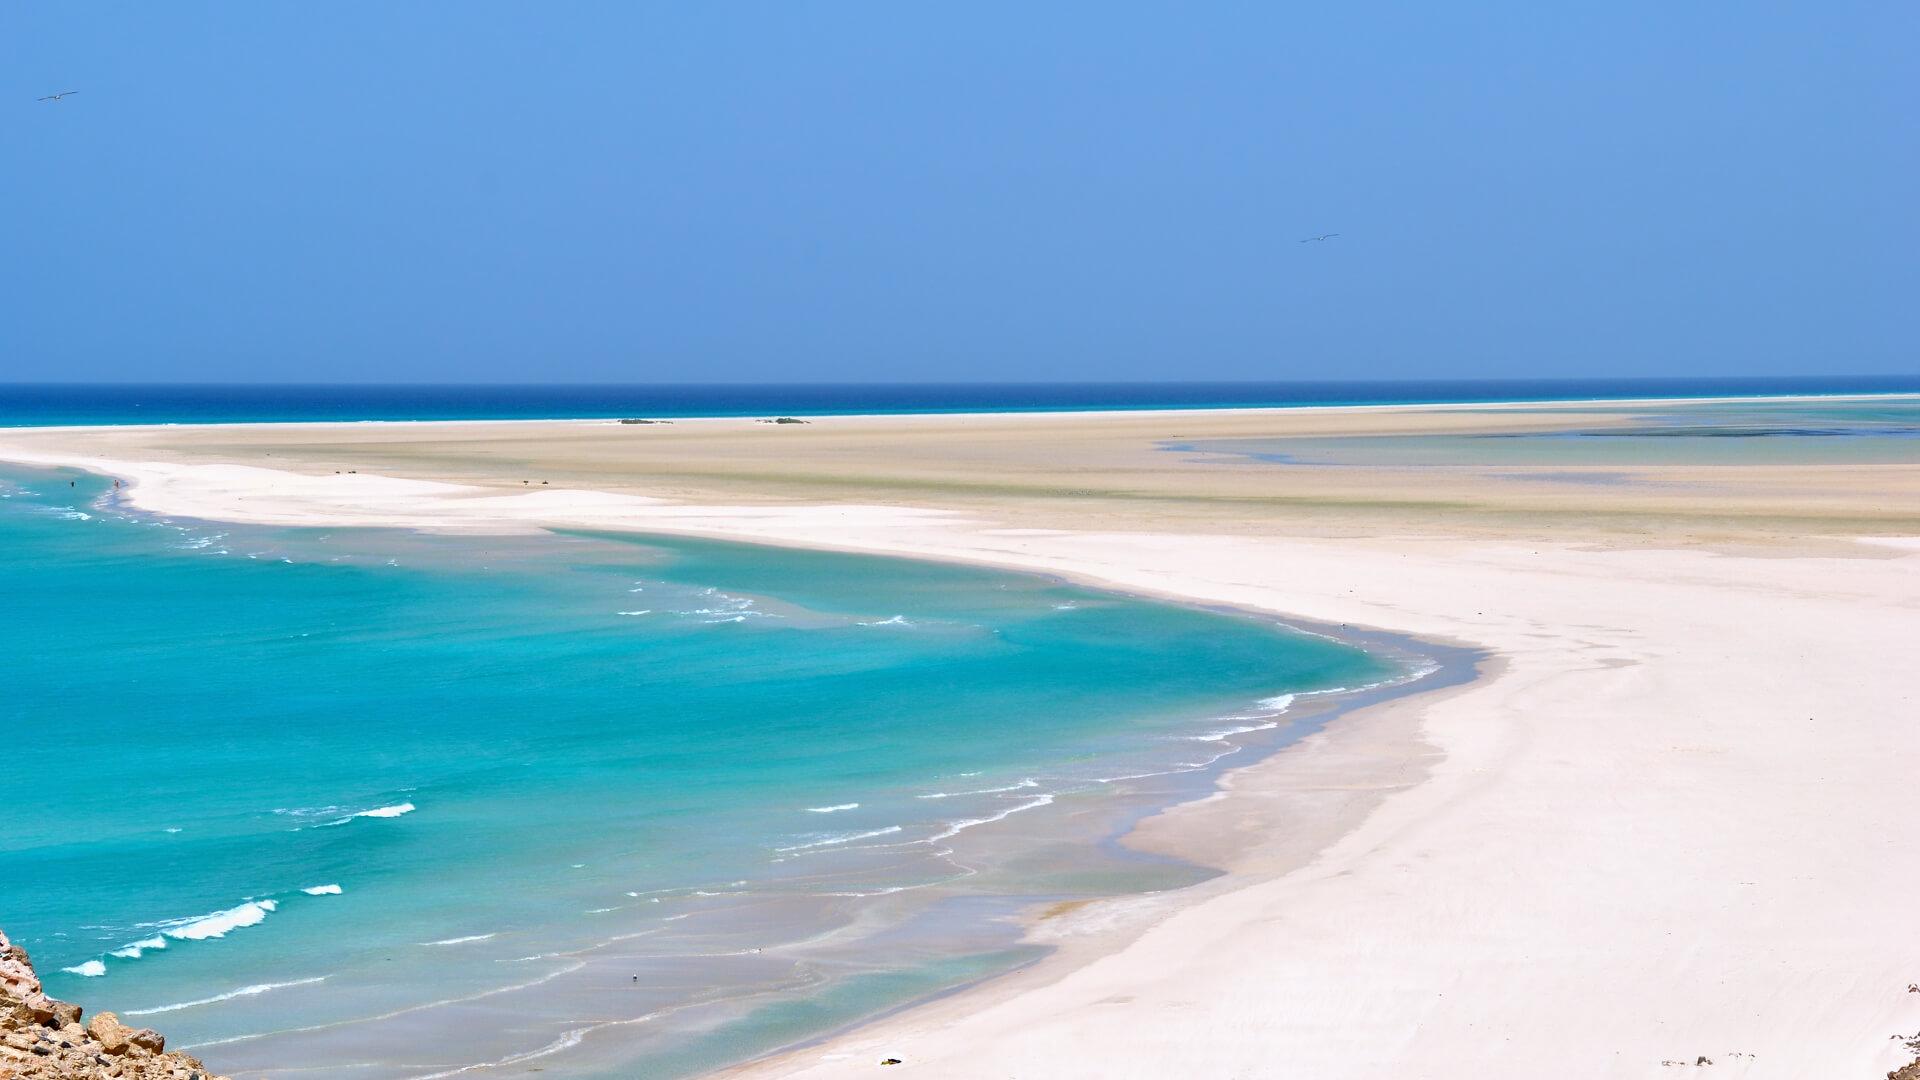 Doğası Başka Bir Dünyaya Ait Sanki: Socotra Adası, Yemen